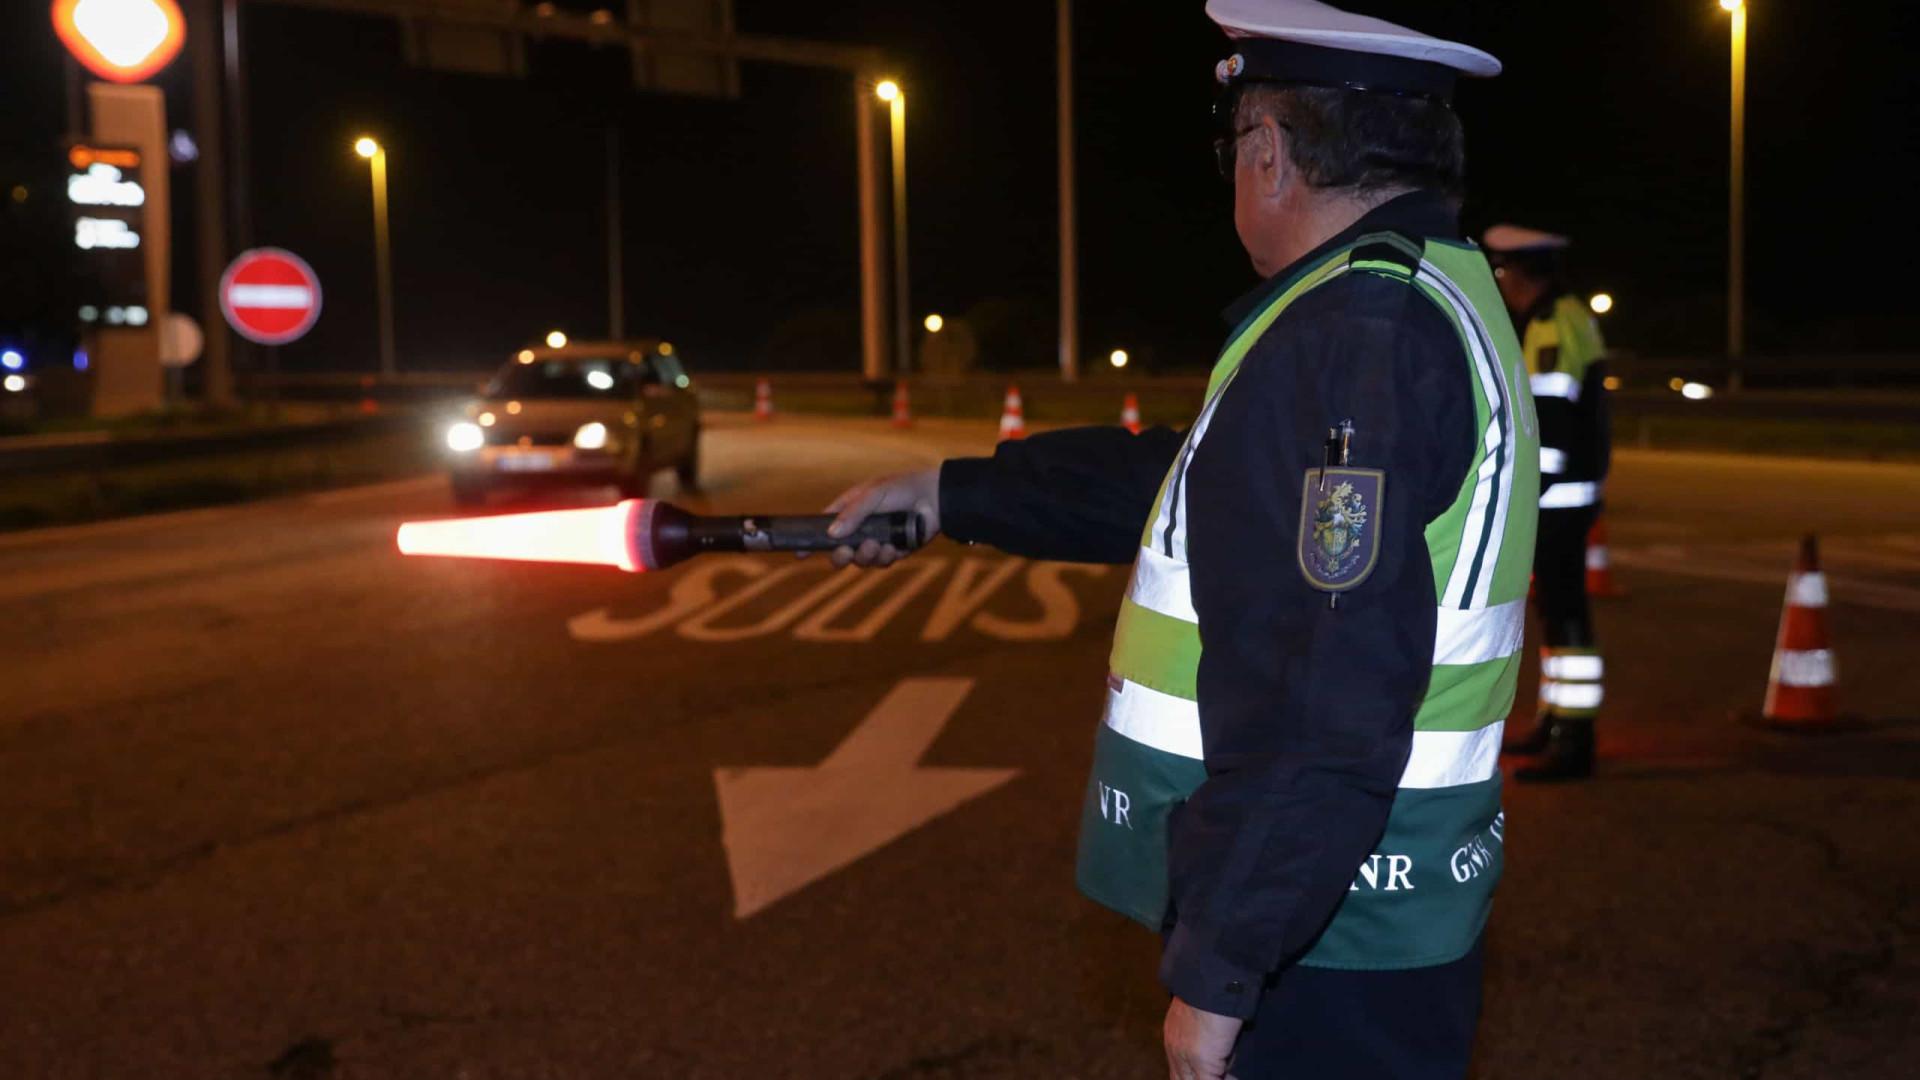 Mais de 400 detidos condutores detidos. Maioria sob efeito do álcool